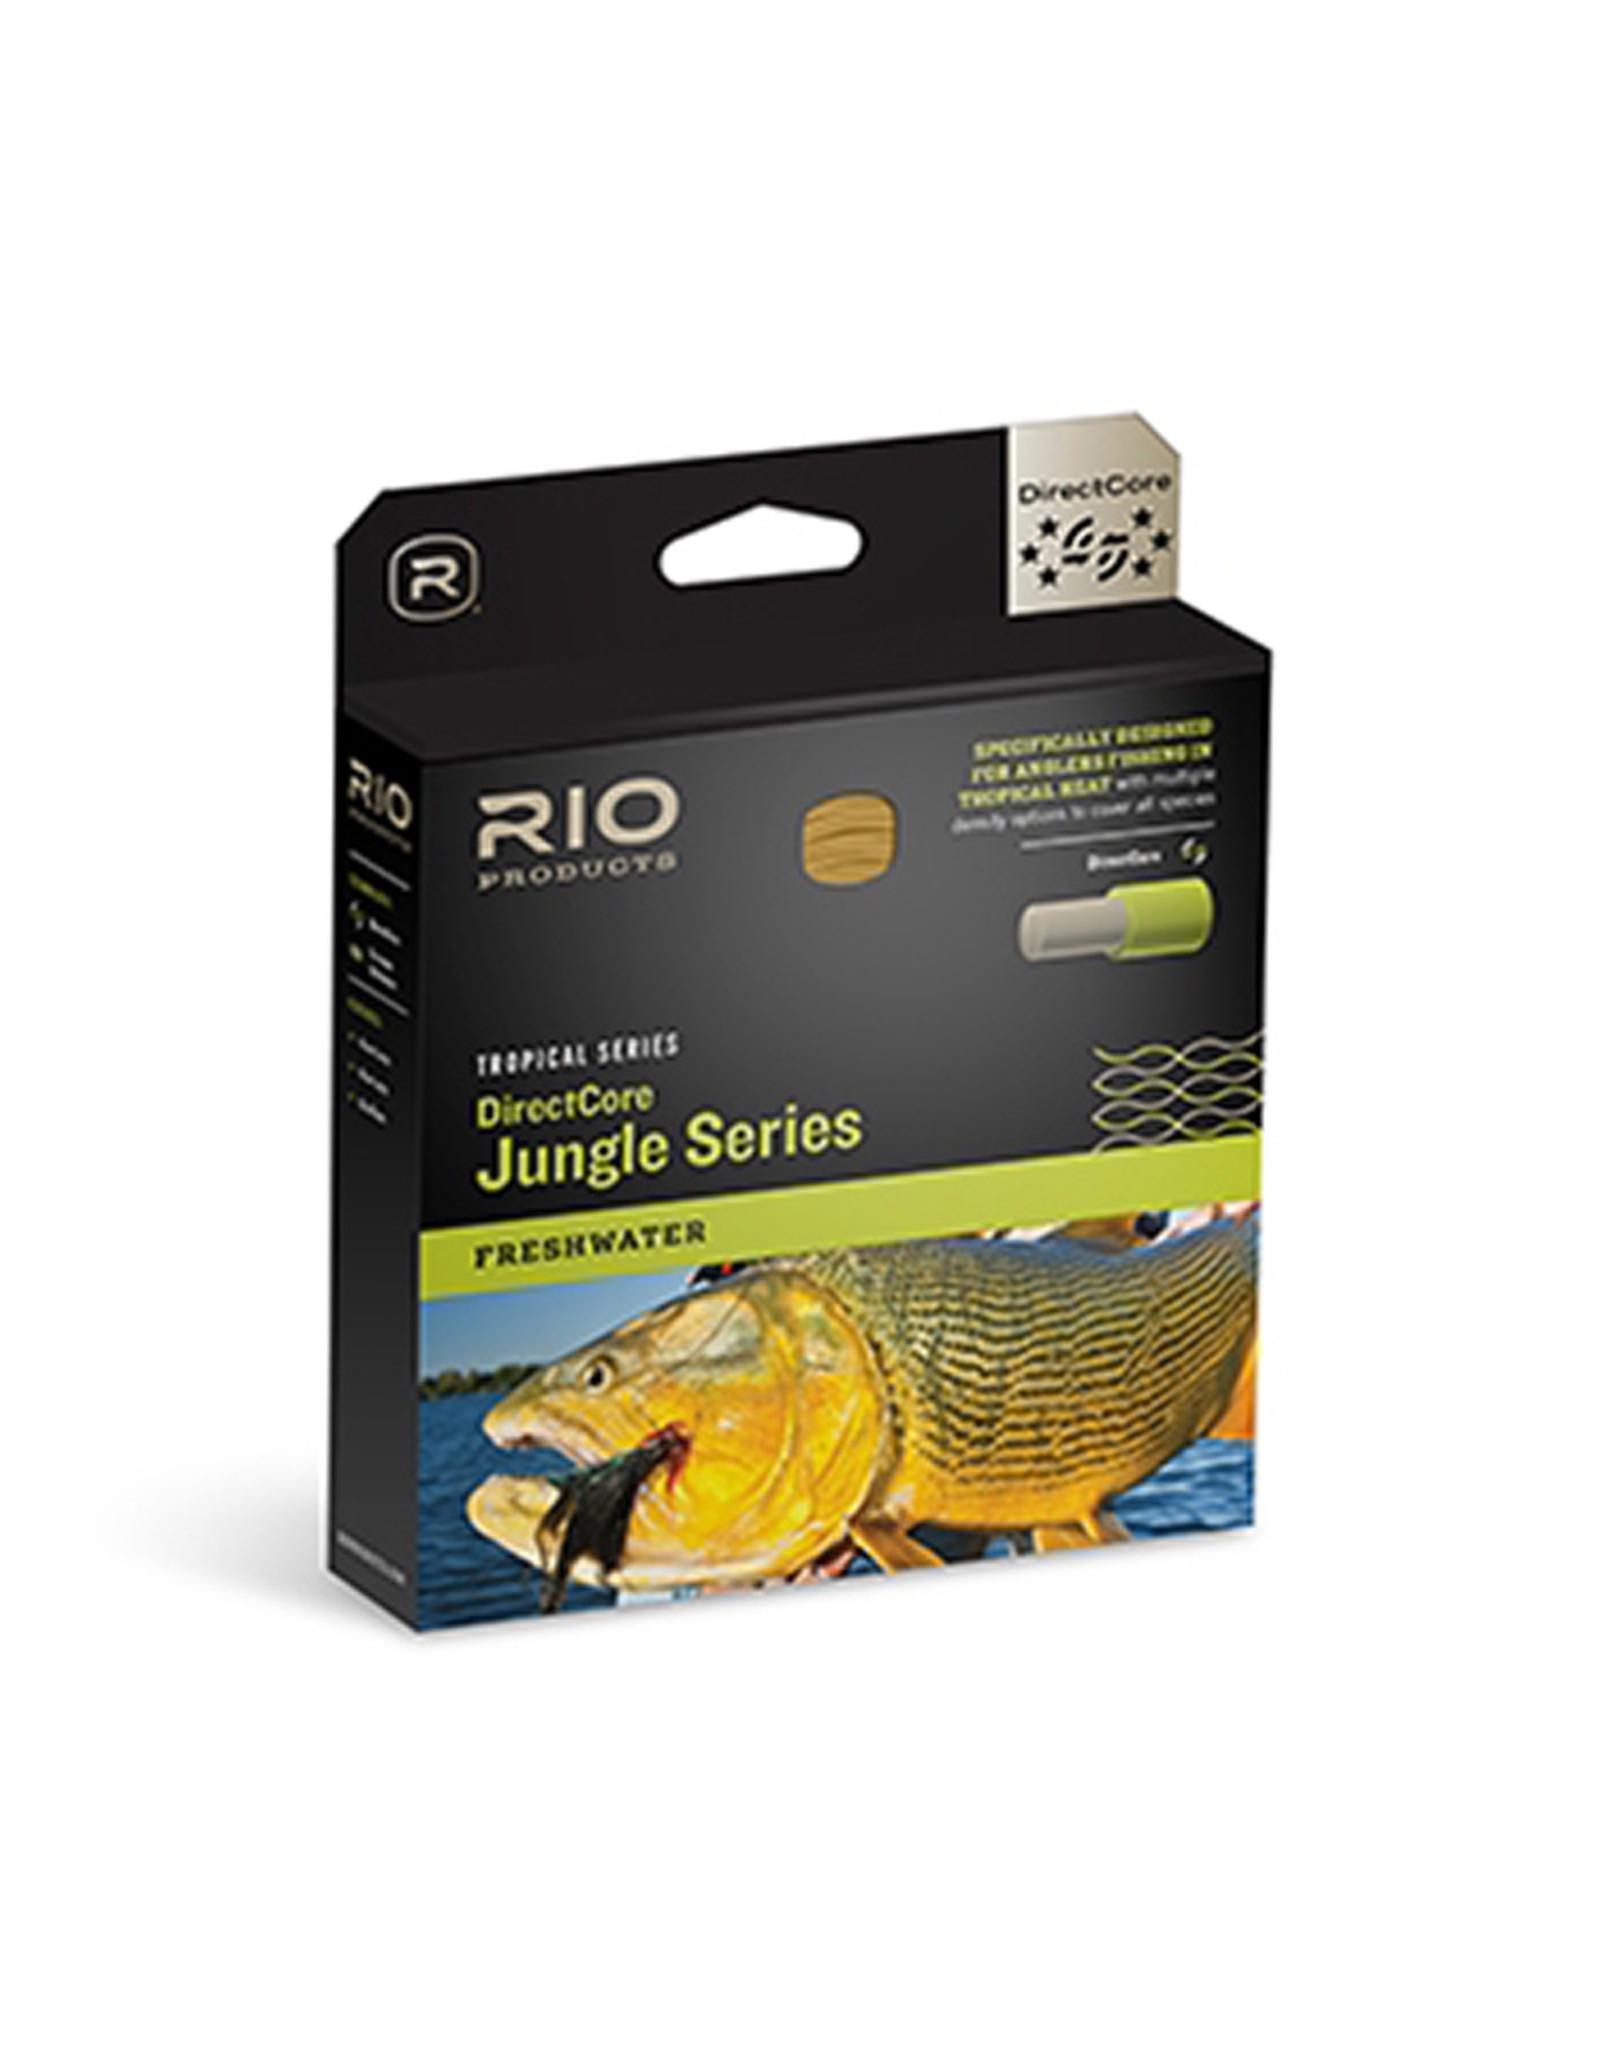 RIO Products DirectCore Jungle Series F/I